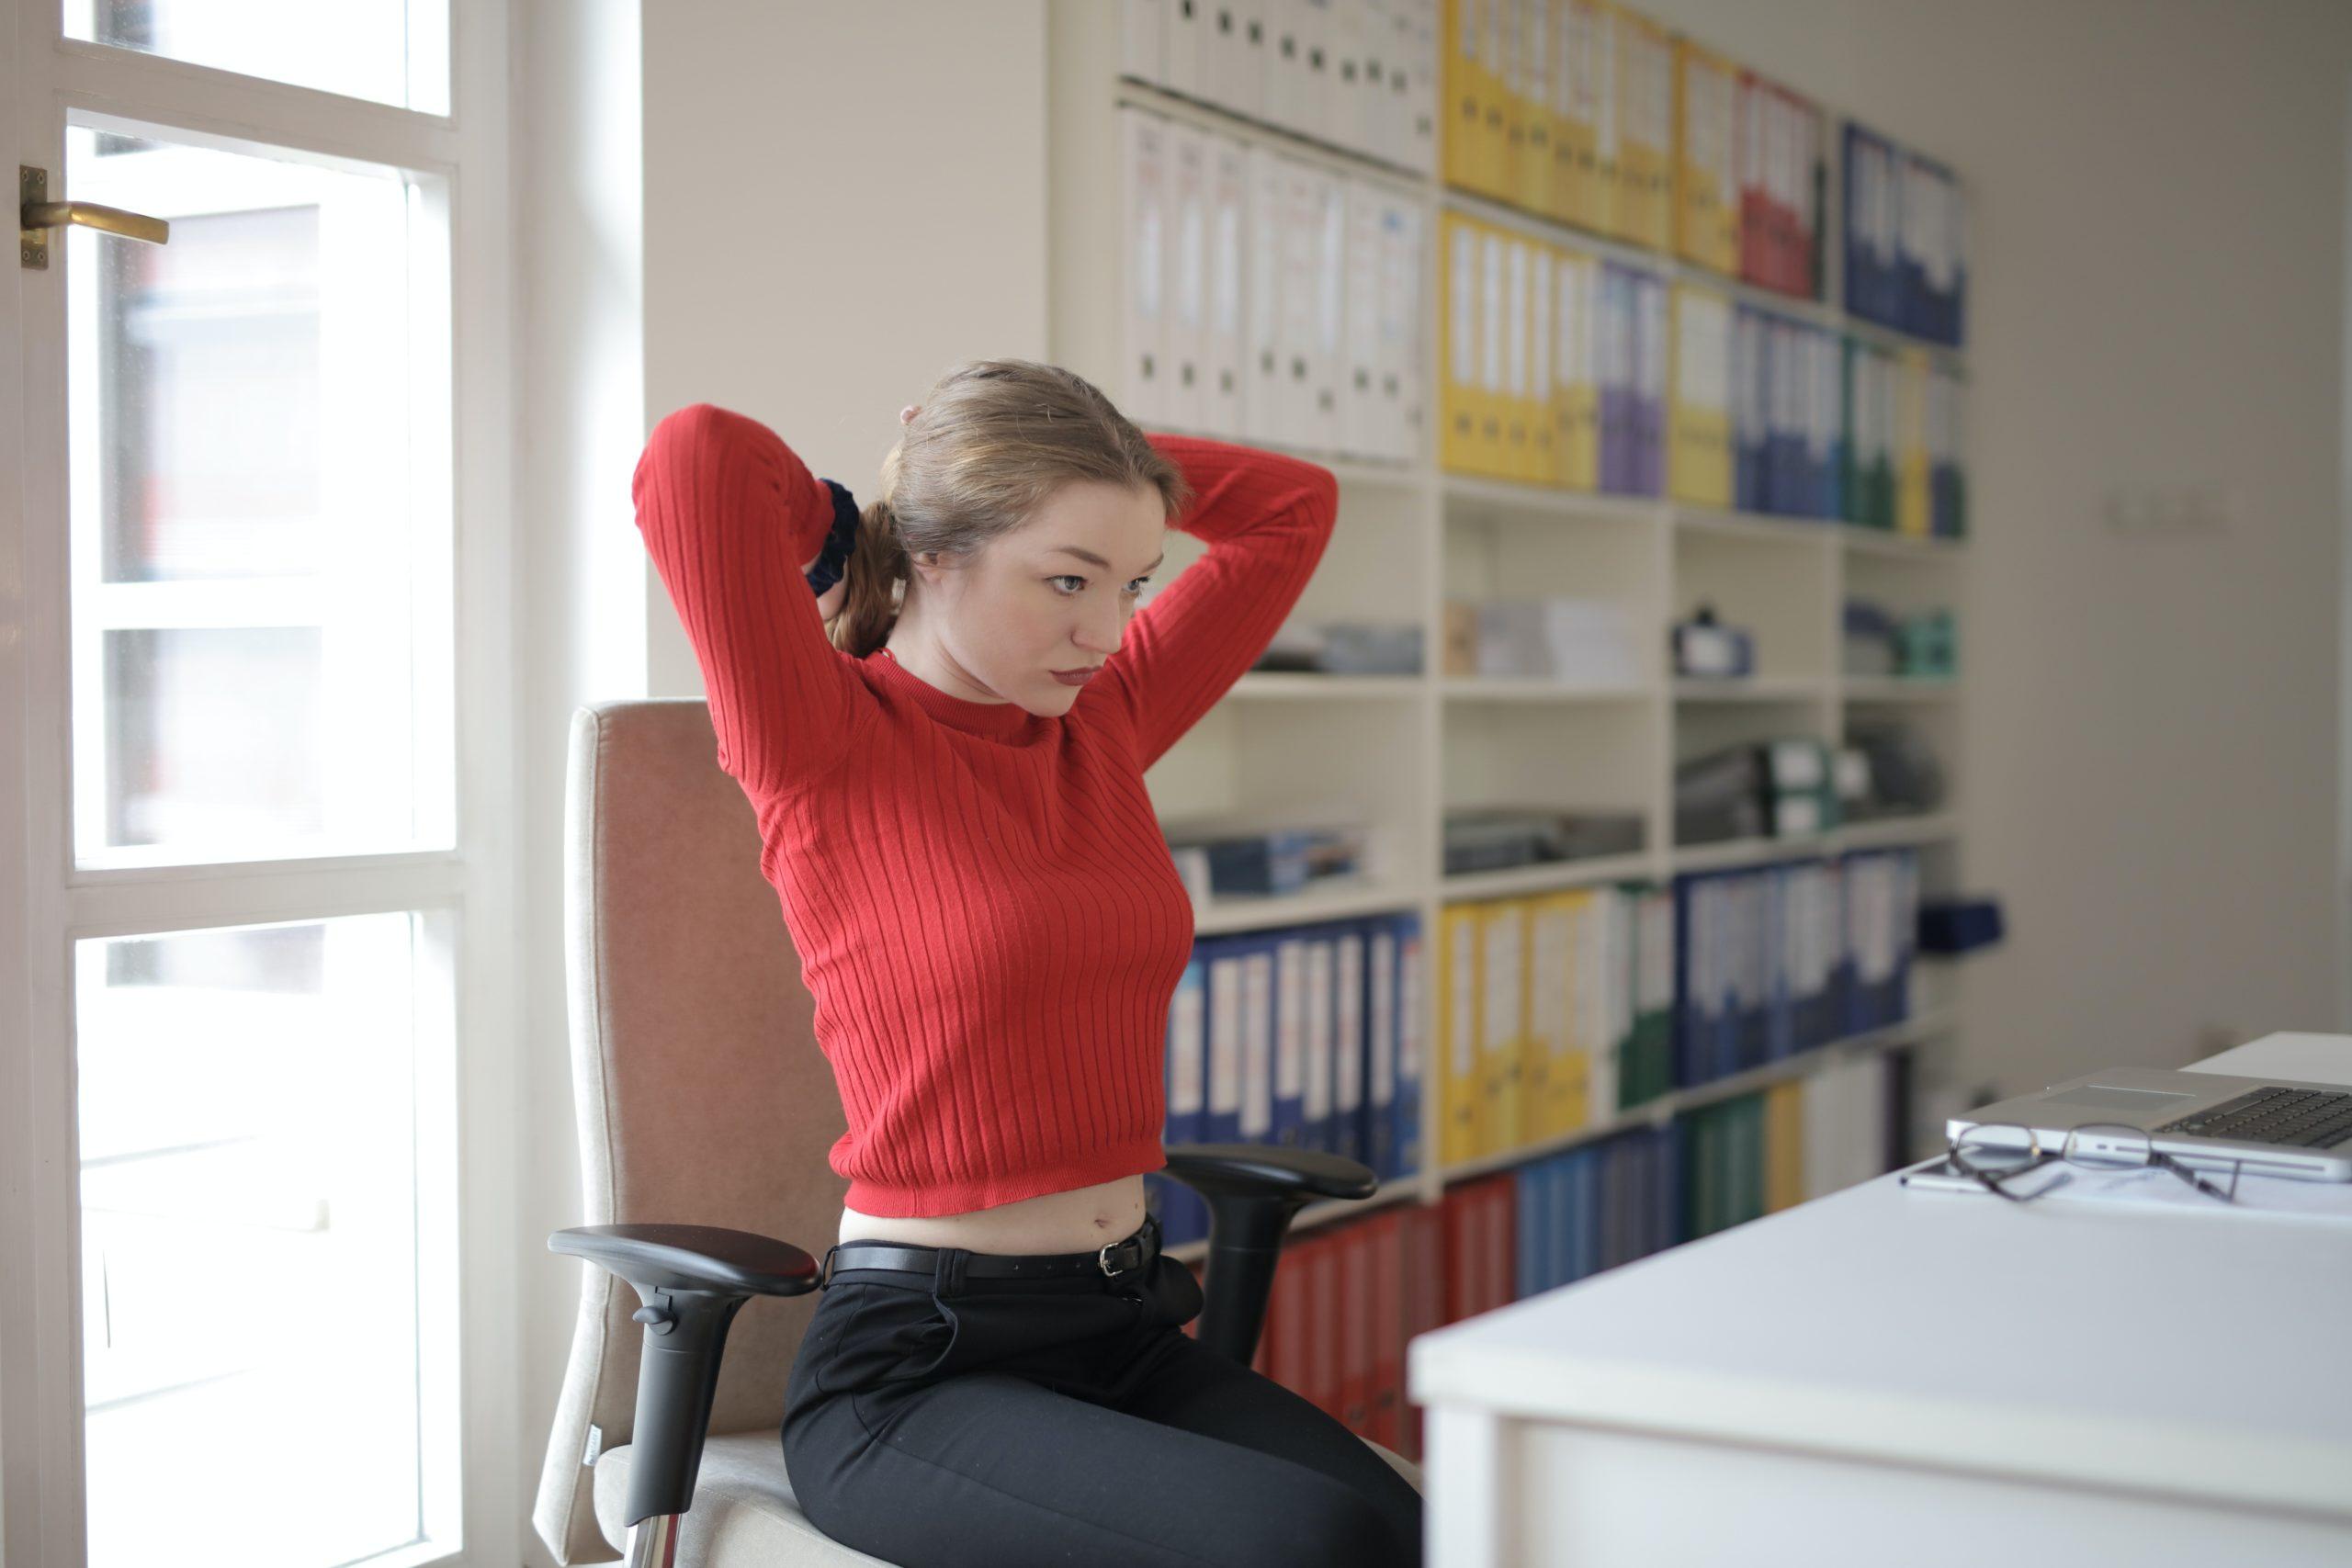 female-employee-tying-hair-in-office-3791539